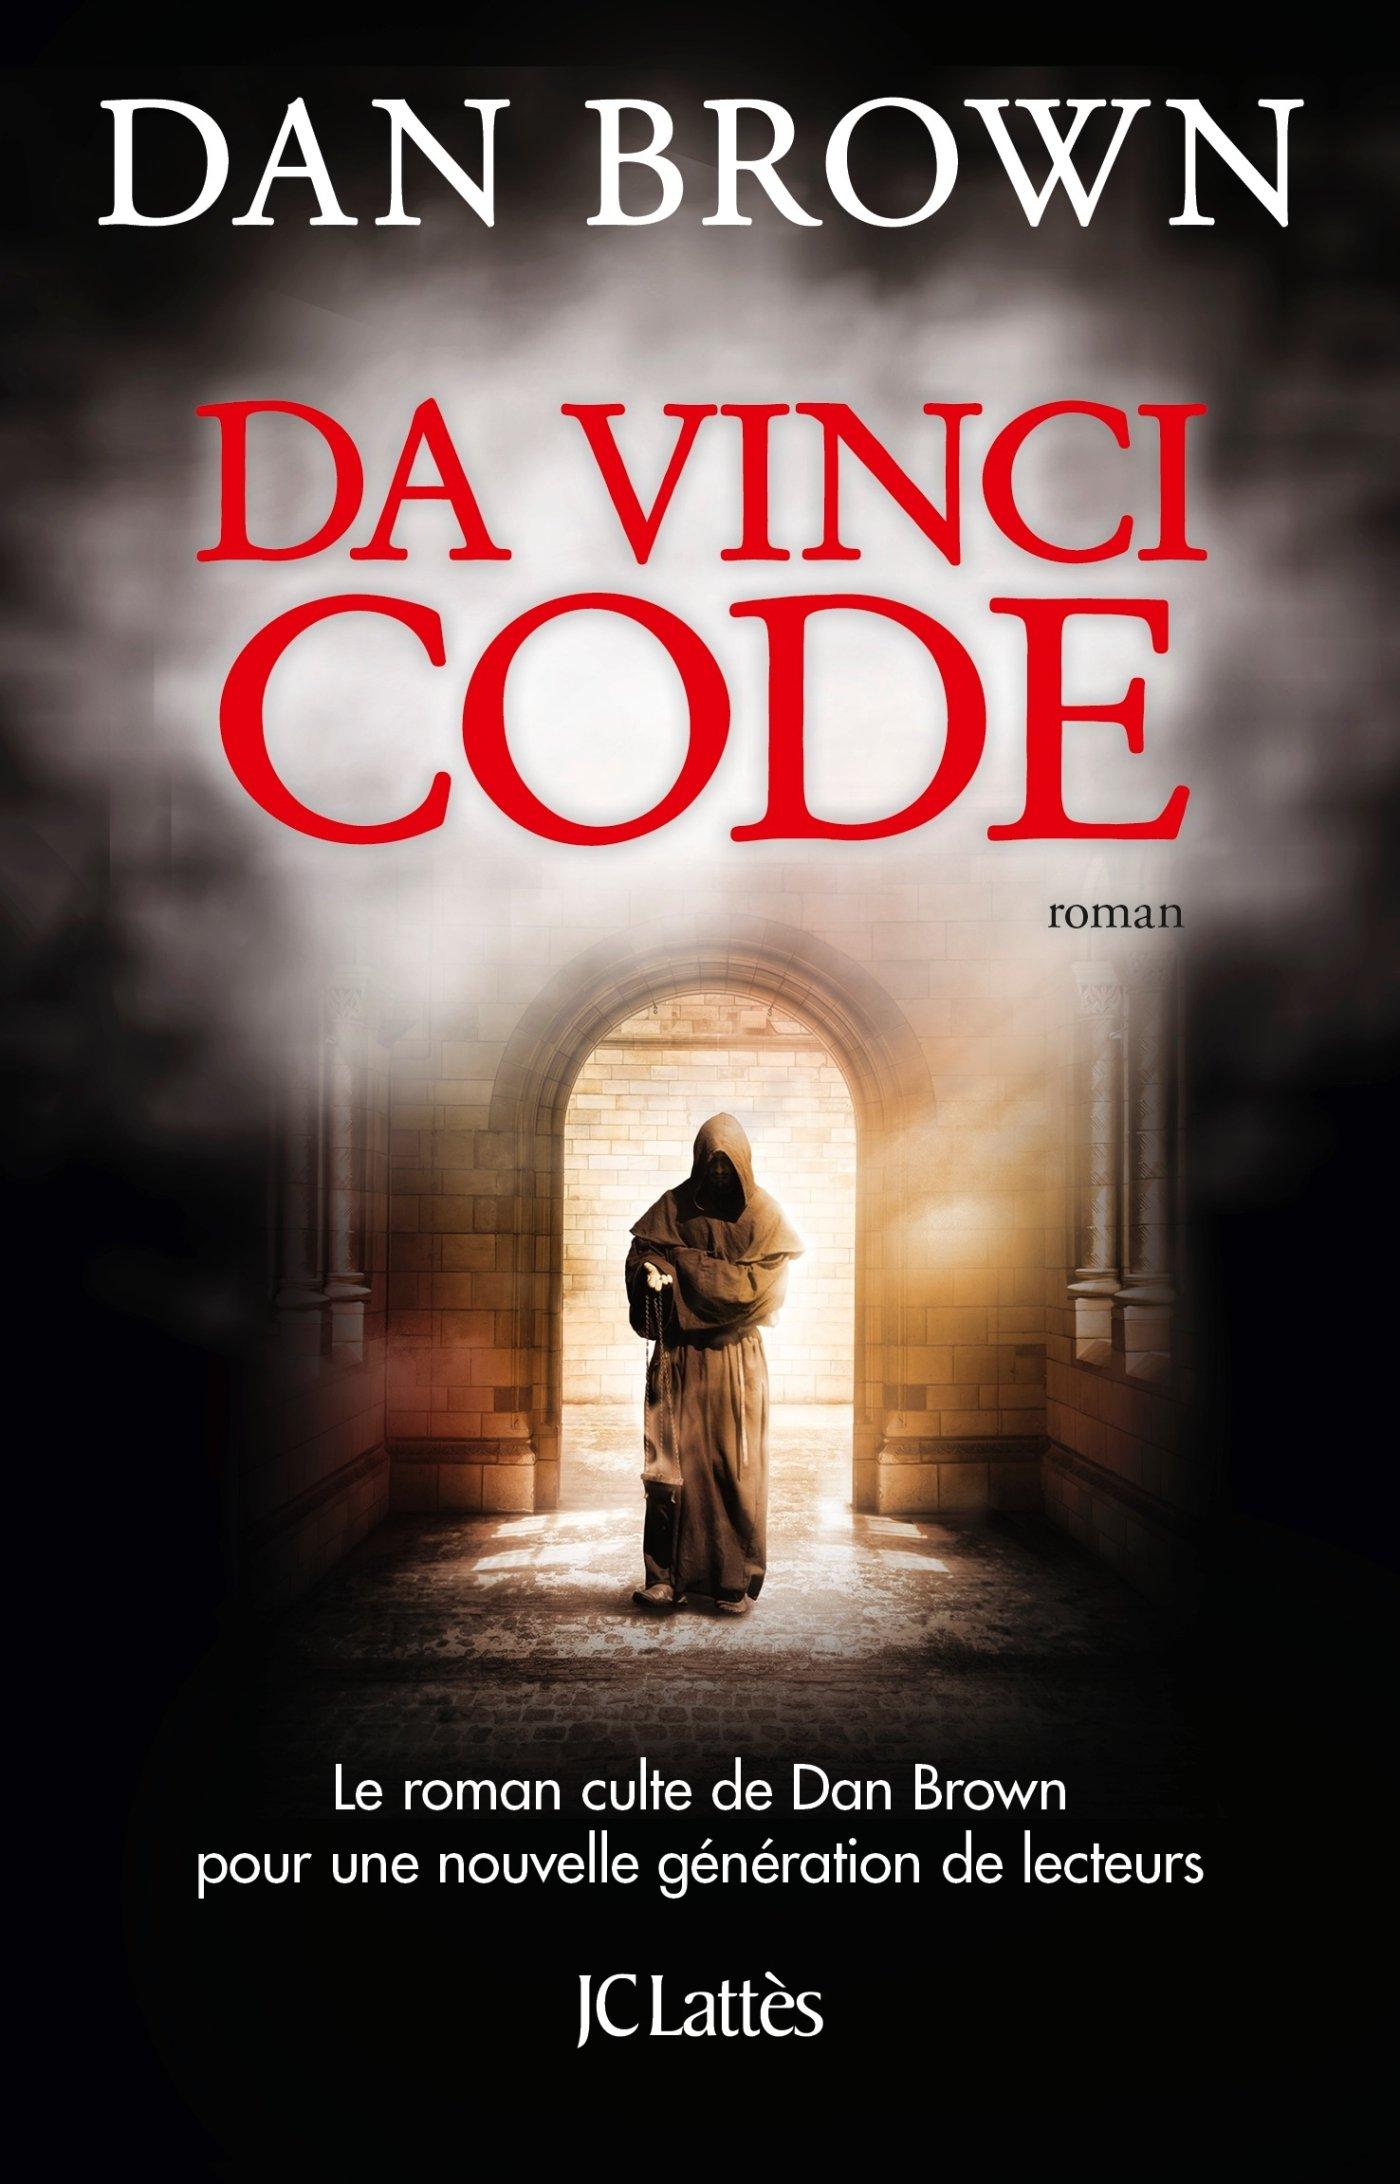 Da Vinci Code - Nouvelle édition Broché – 12 octobre 2016 Dan Brown JC Lattès 270965928X Romans policiers